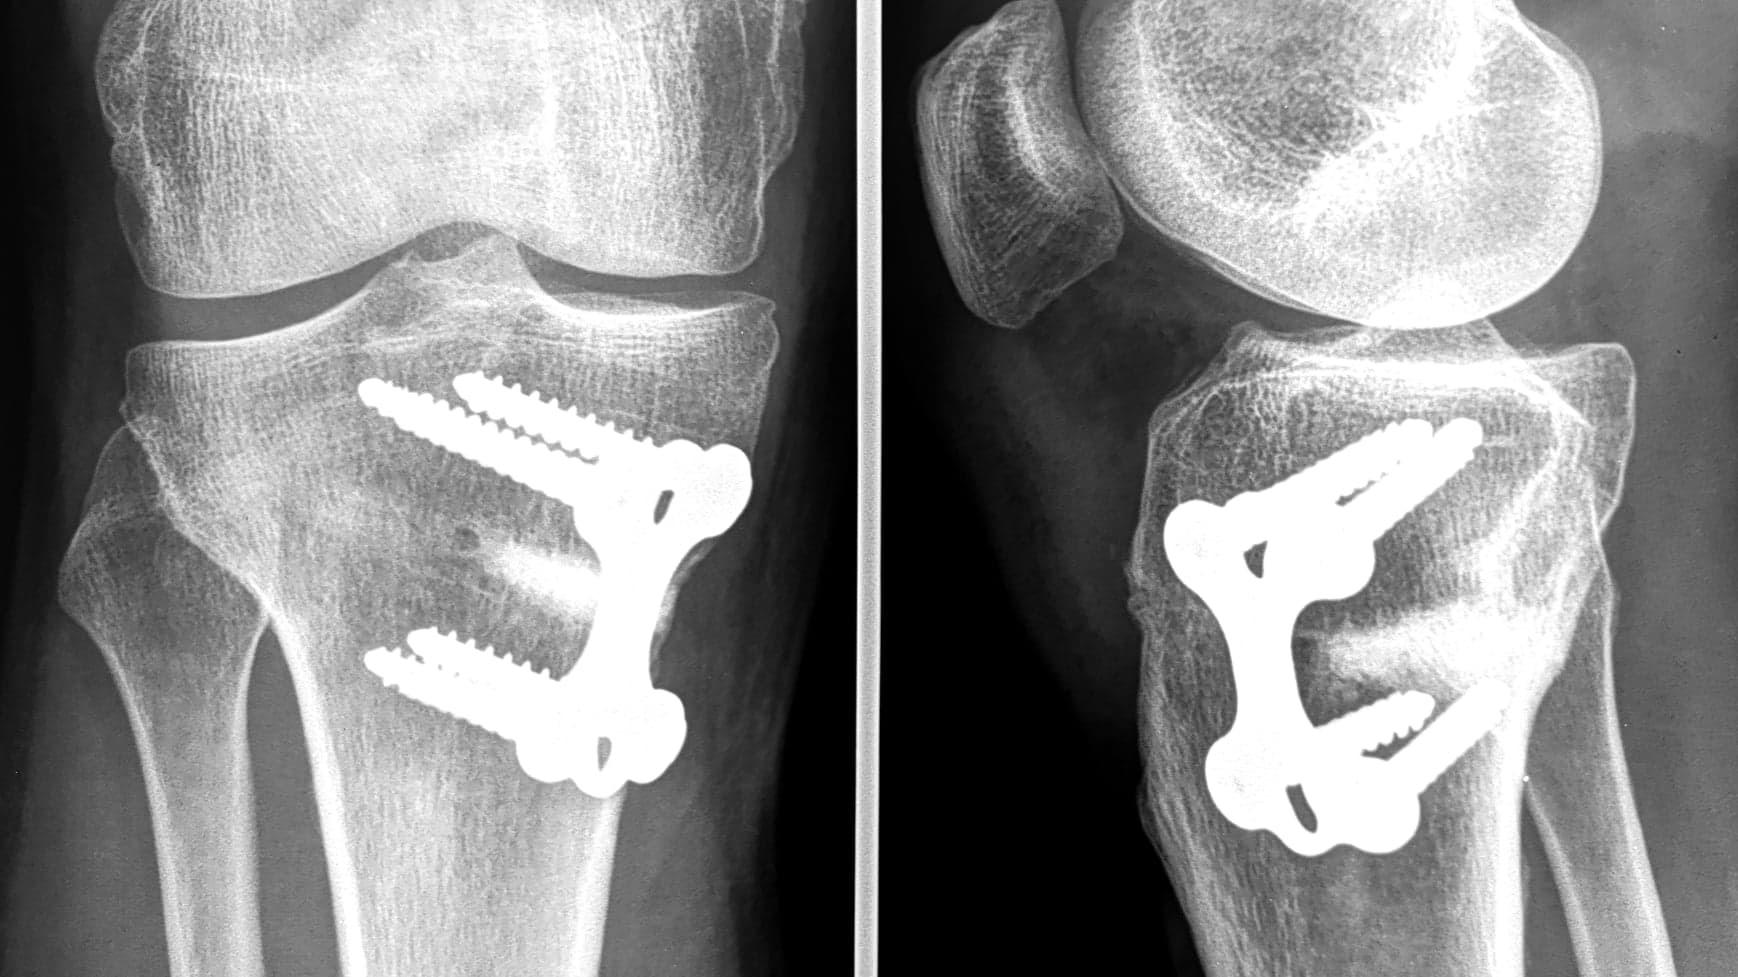 chirurgie-genou-correction-deformation-du-genou-paris-osteotomie-tibiale-dr-kassab